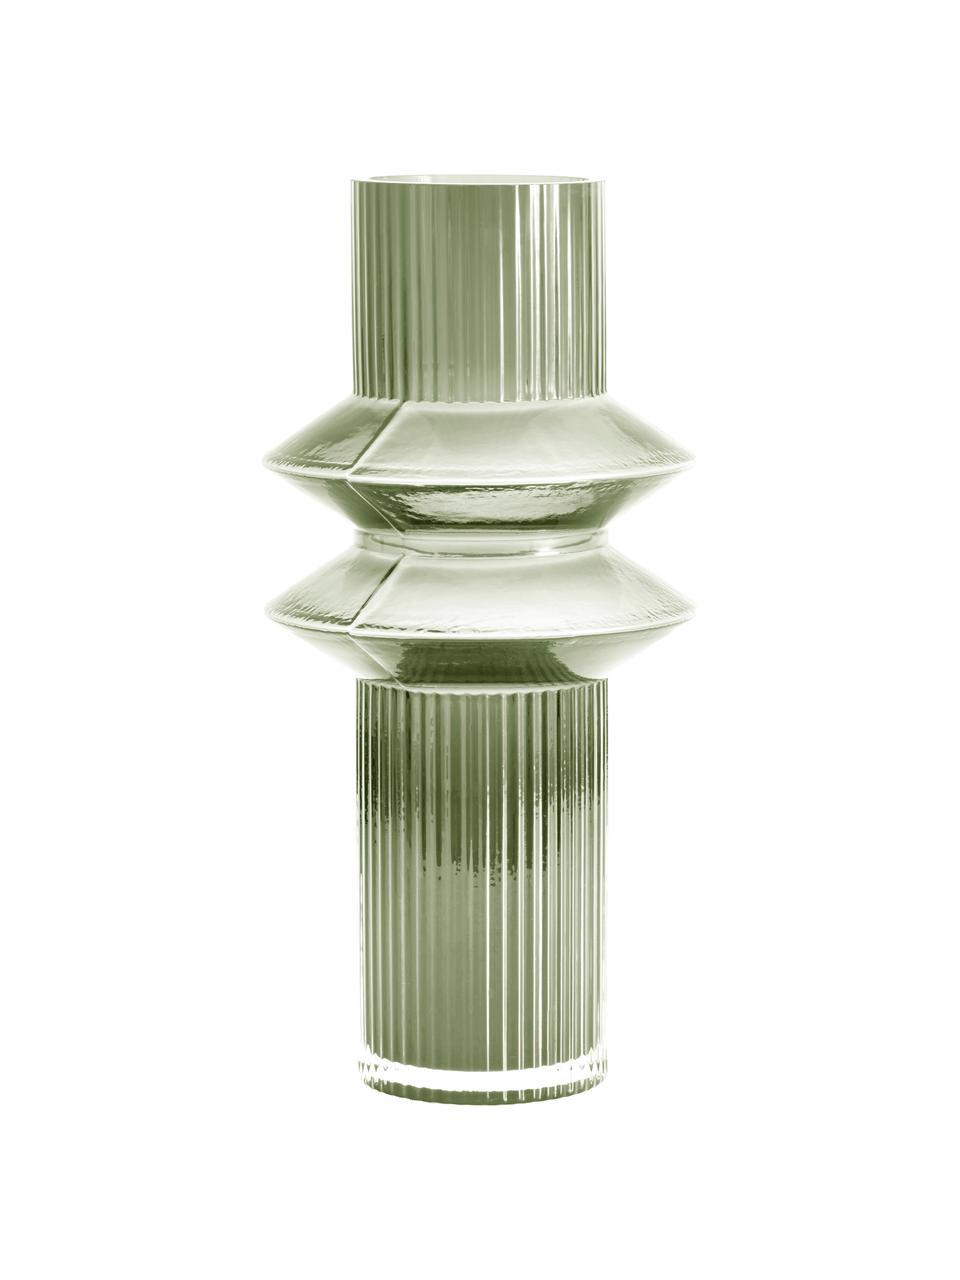 Vaso di design moderno in vetro verde Rilla, Vetro, Verde, Ø 9 x Alt. 32 cm